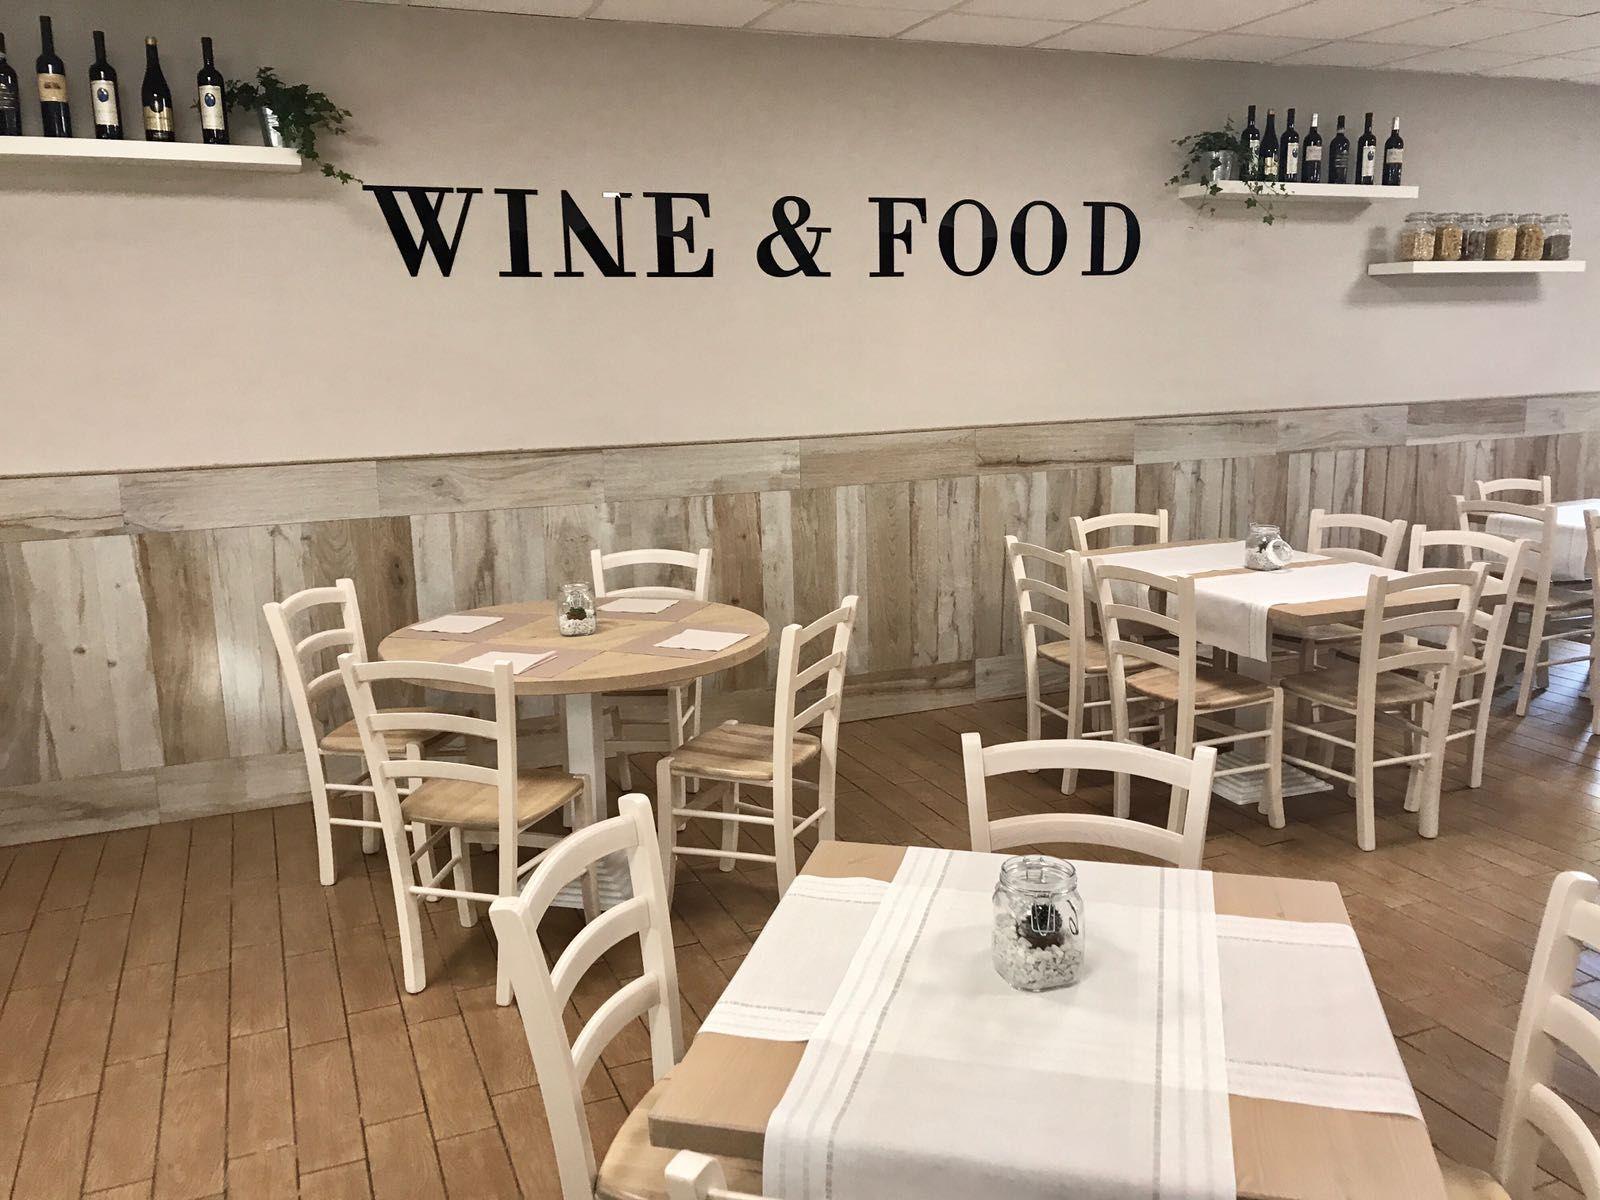 Pin di sedie tavoli ristoranti maiero su arredi eseguiti for Arredi per alberghi e hotel